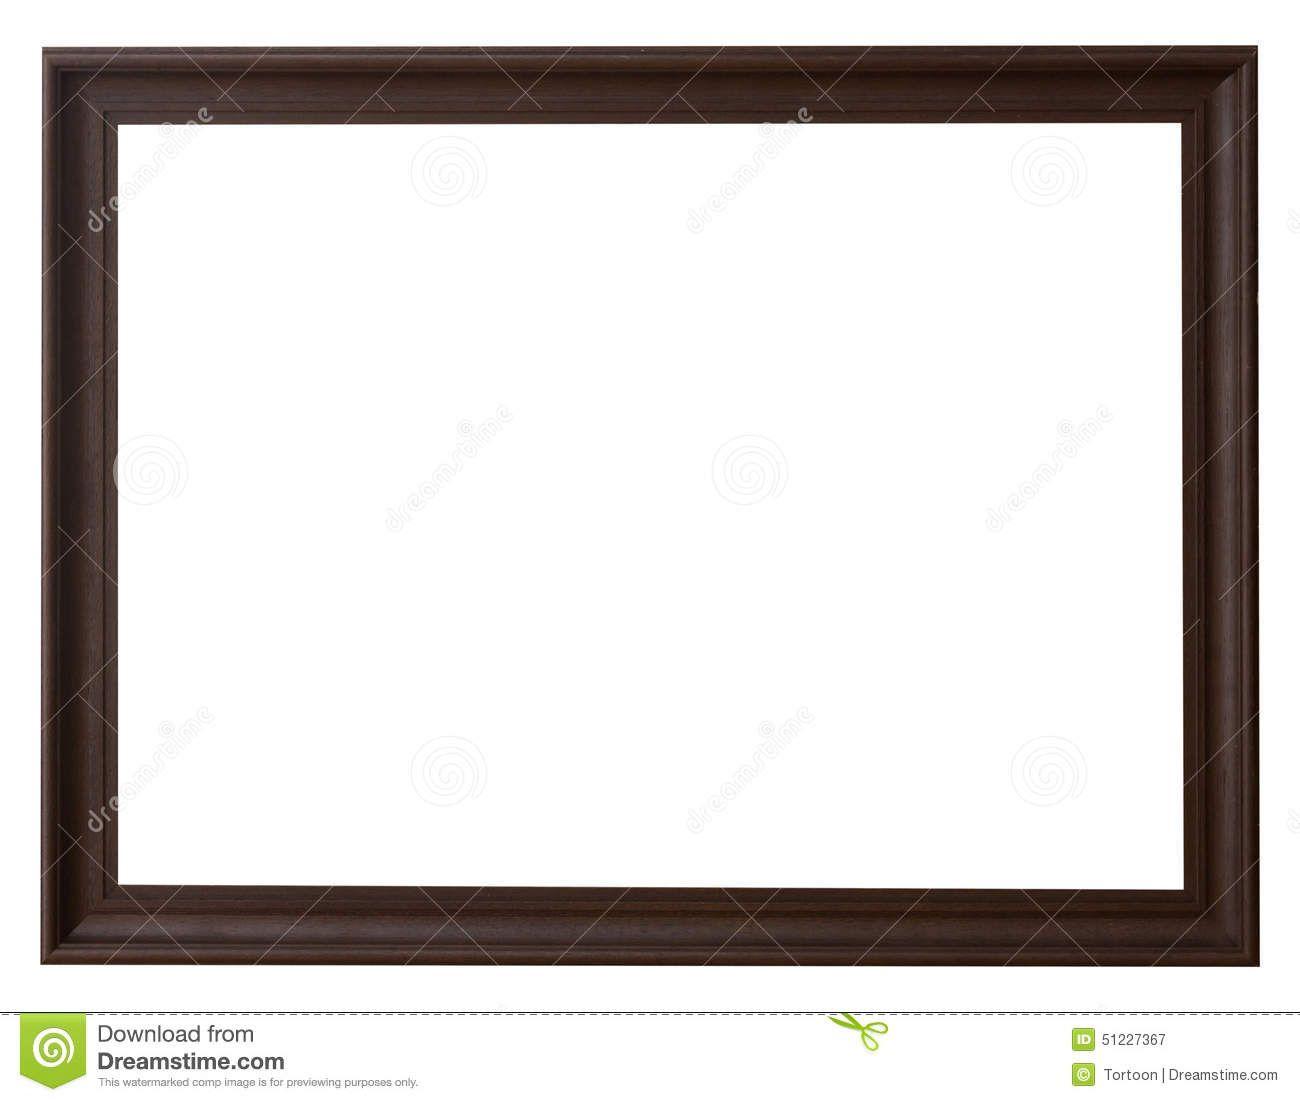 Marco de madera horizontal para la imagen en blanco aislado ...